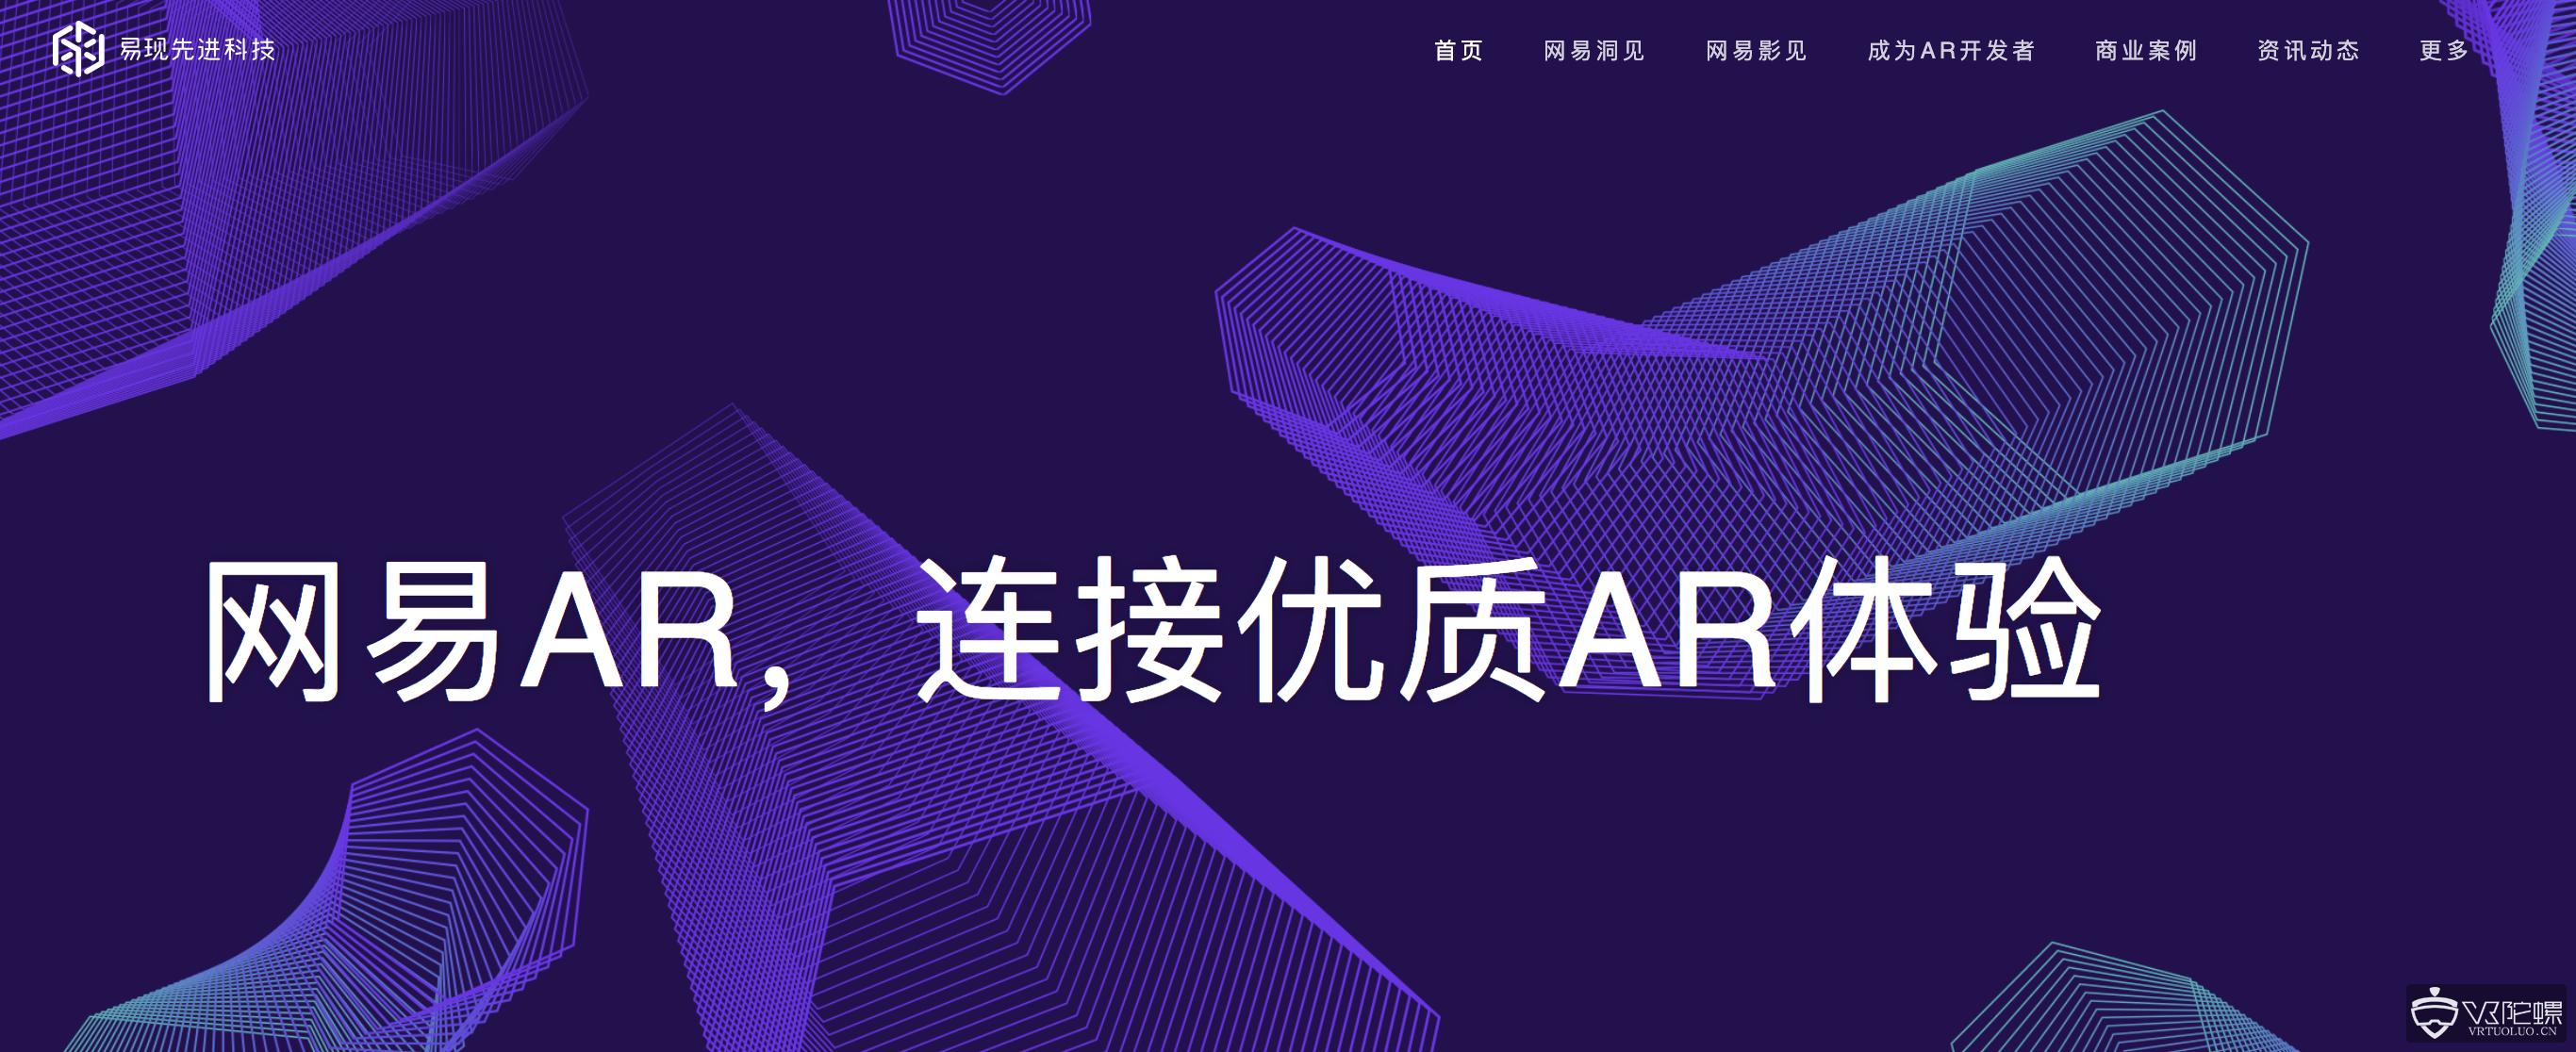 网易孵化的AR+AI创业团队杭州易现获逾亿元融资,旗下有网易洞见、网易影见等产品